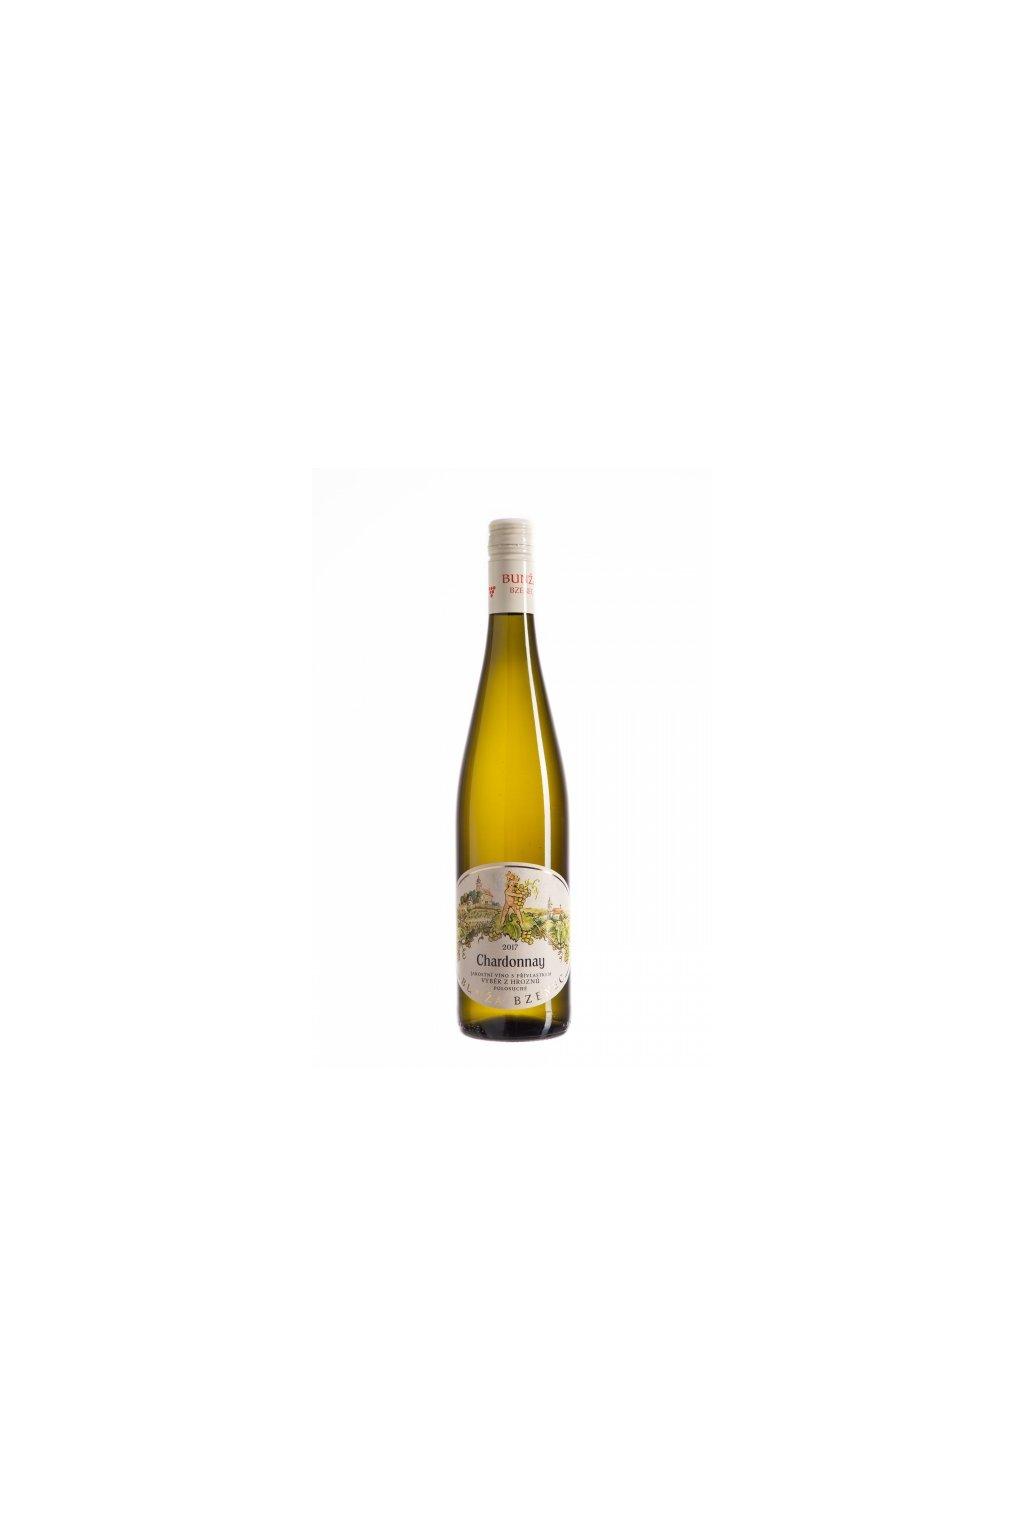 vyr 316Vinarstvi Bunza Chardonnay 2017